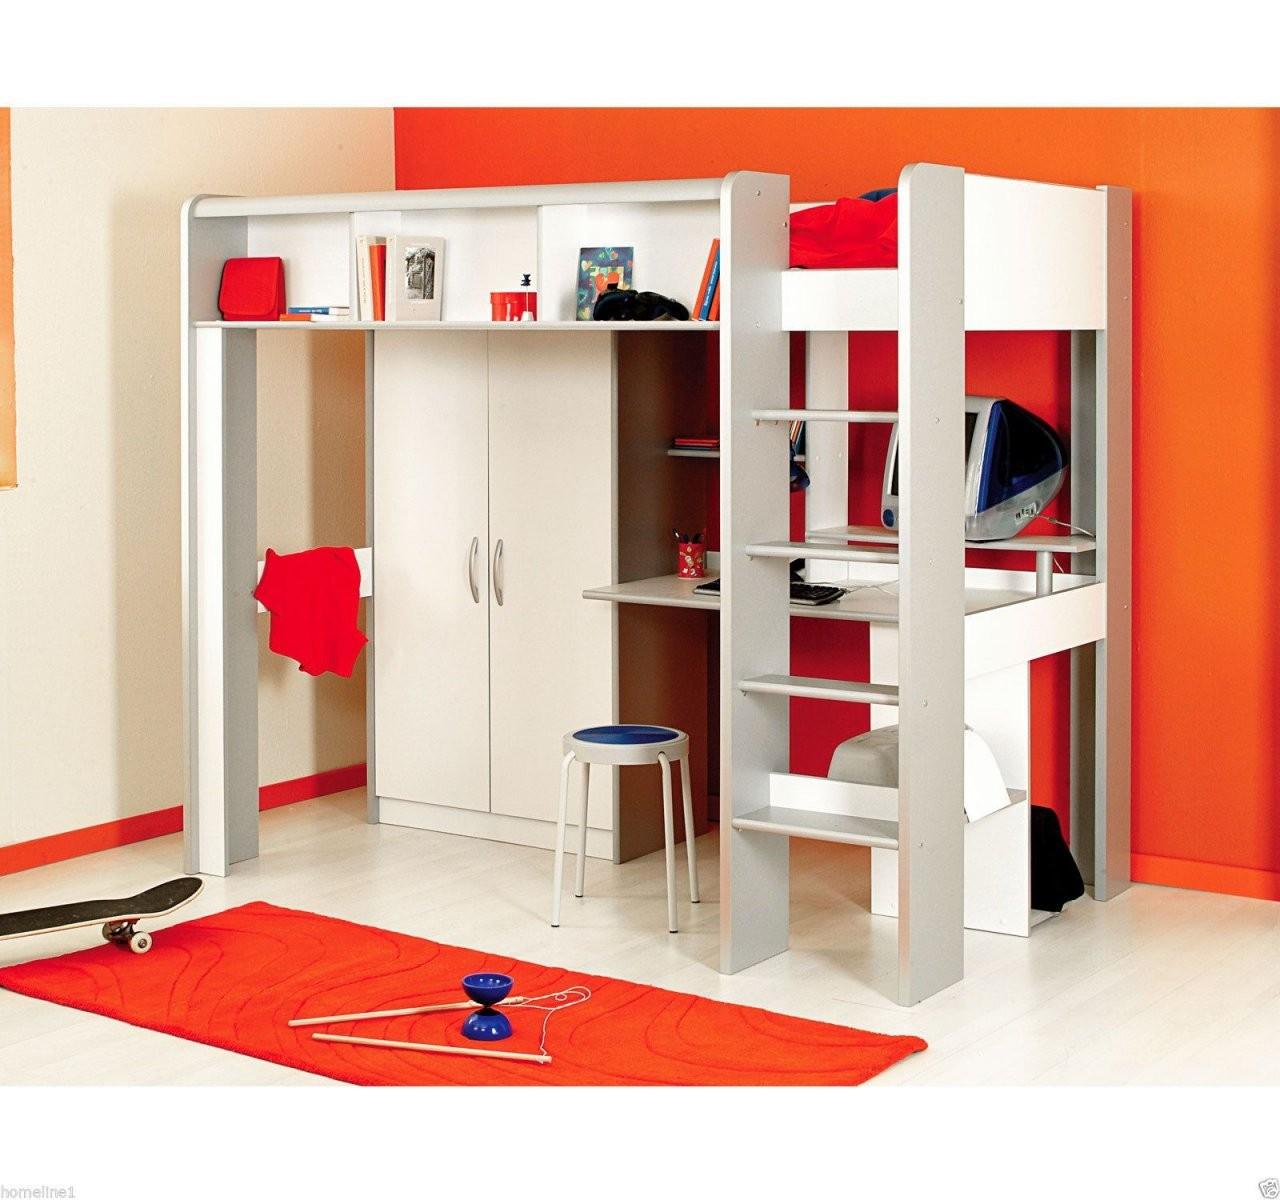 Kinderbett Hochbett Mit Treppe Kleiderschrank Schreibtisch Weiß von Kinderbett Mit Schreibtisch Und Kleiderschrank Bild